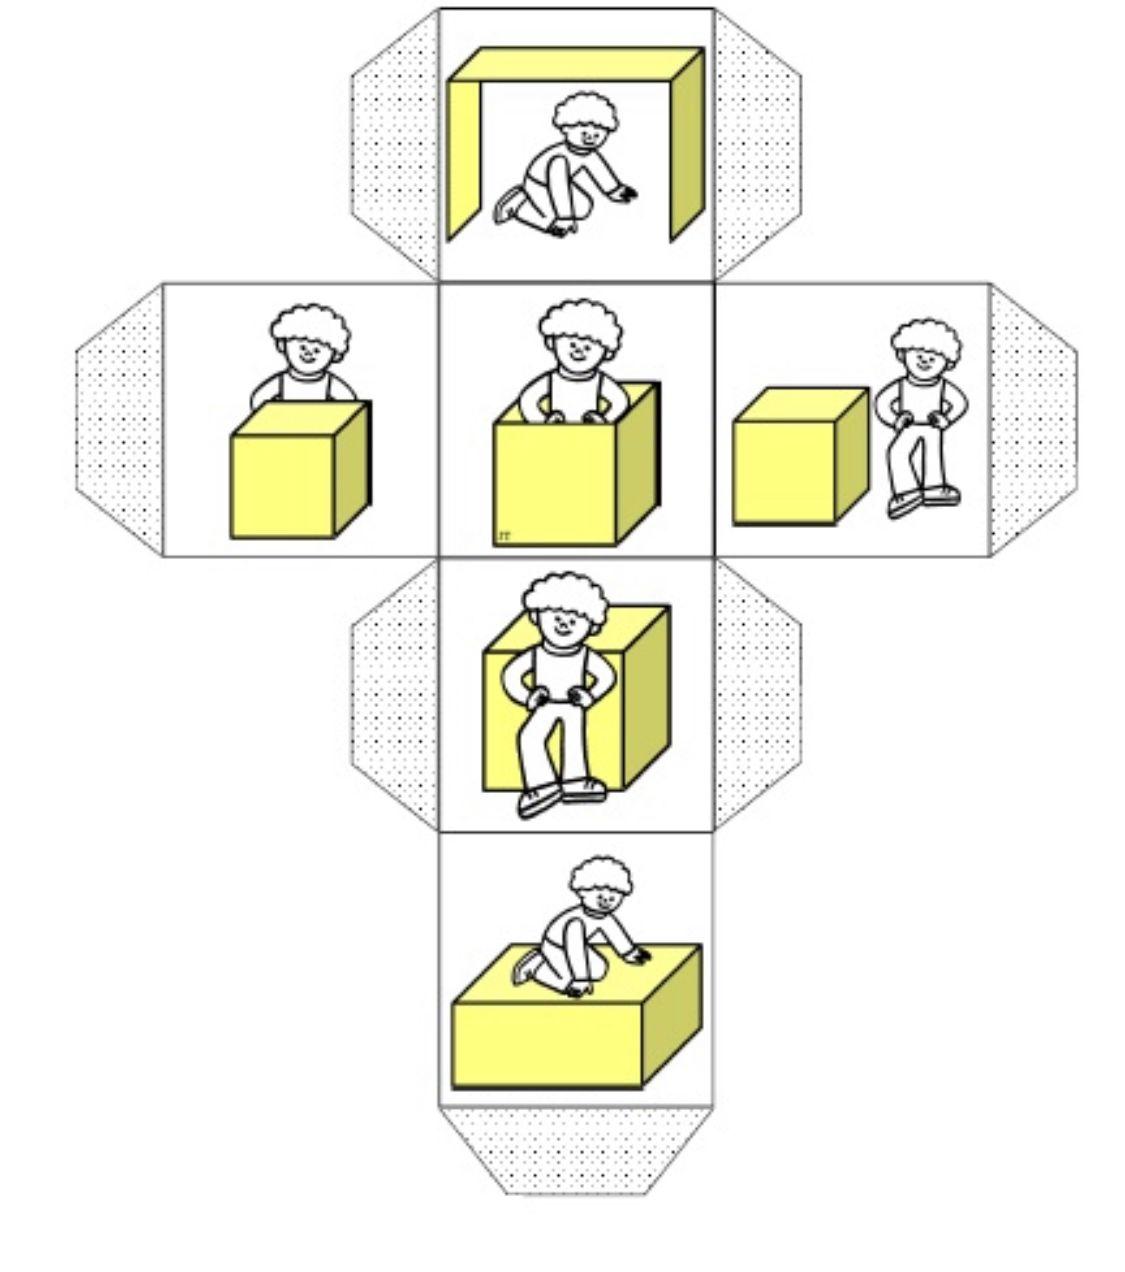 Pin De Angela Tan Em Language Corner Games Com Imagens